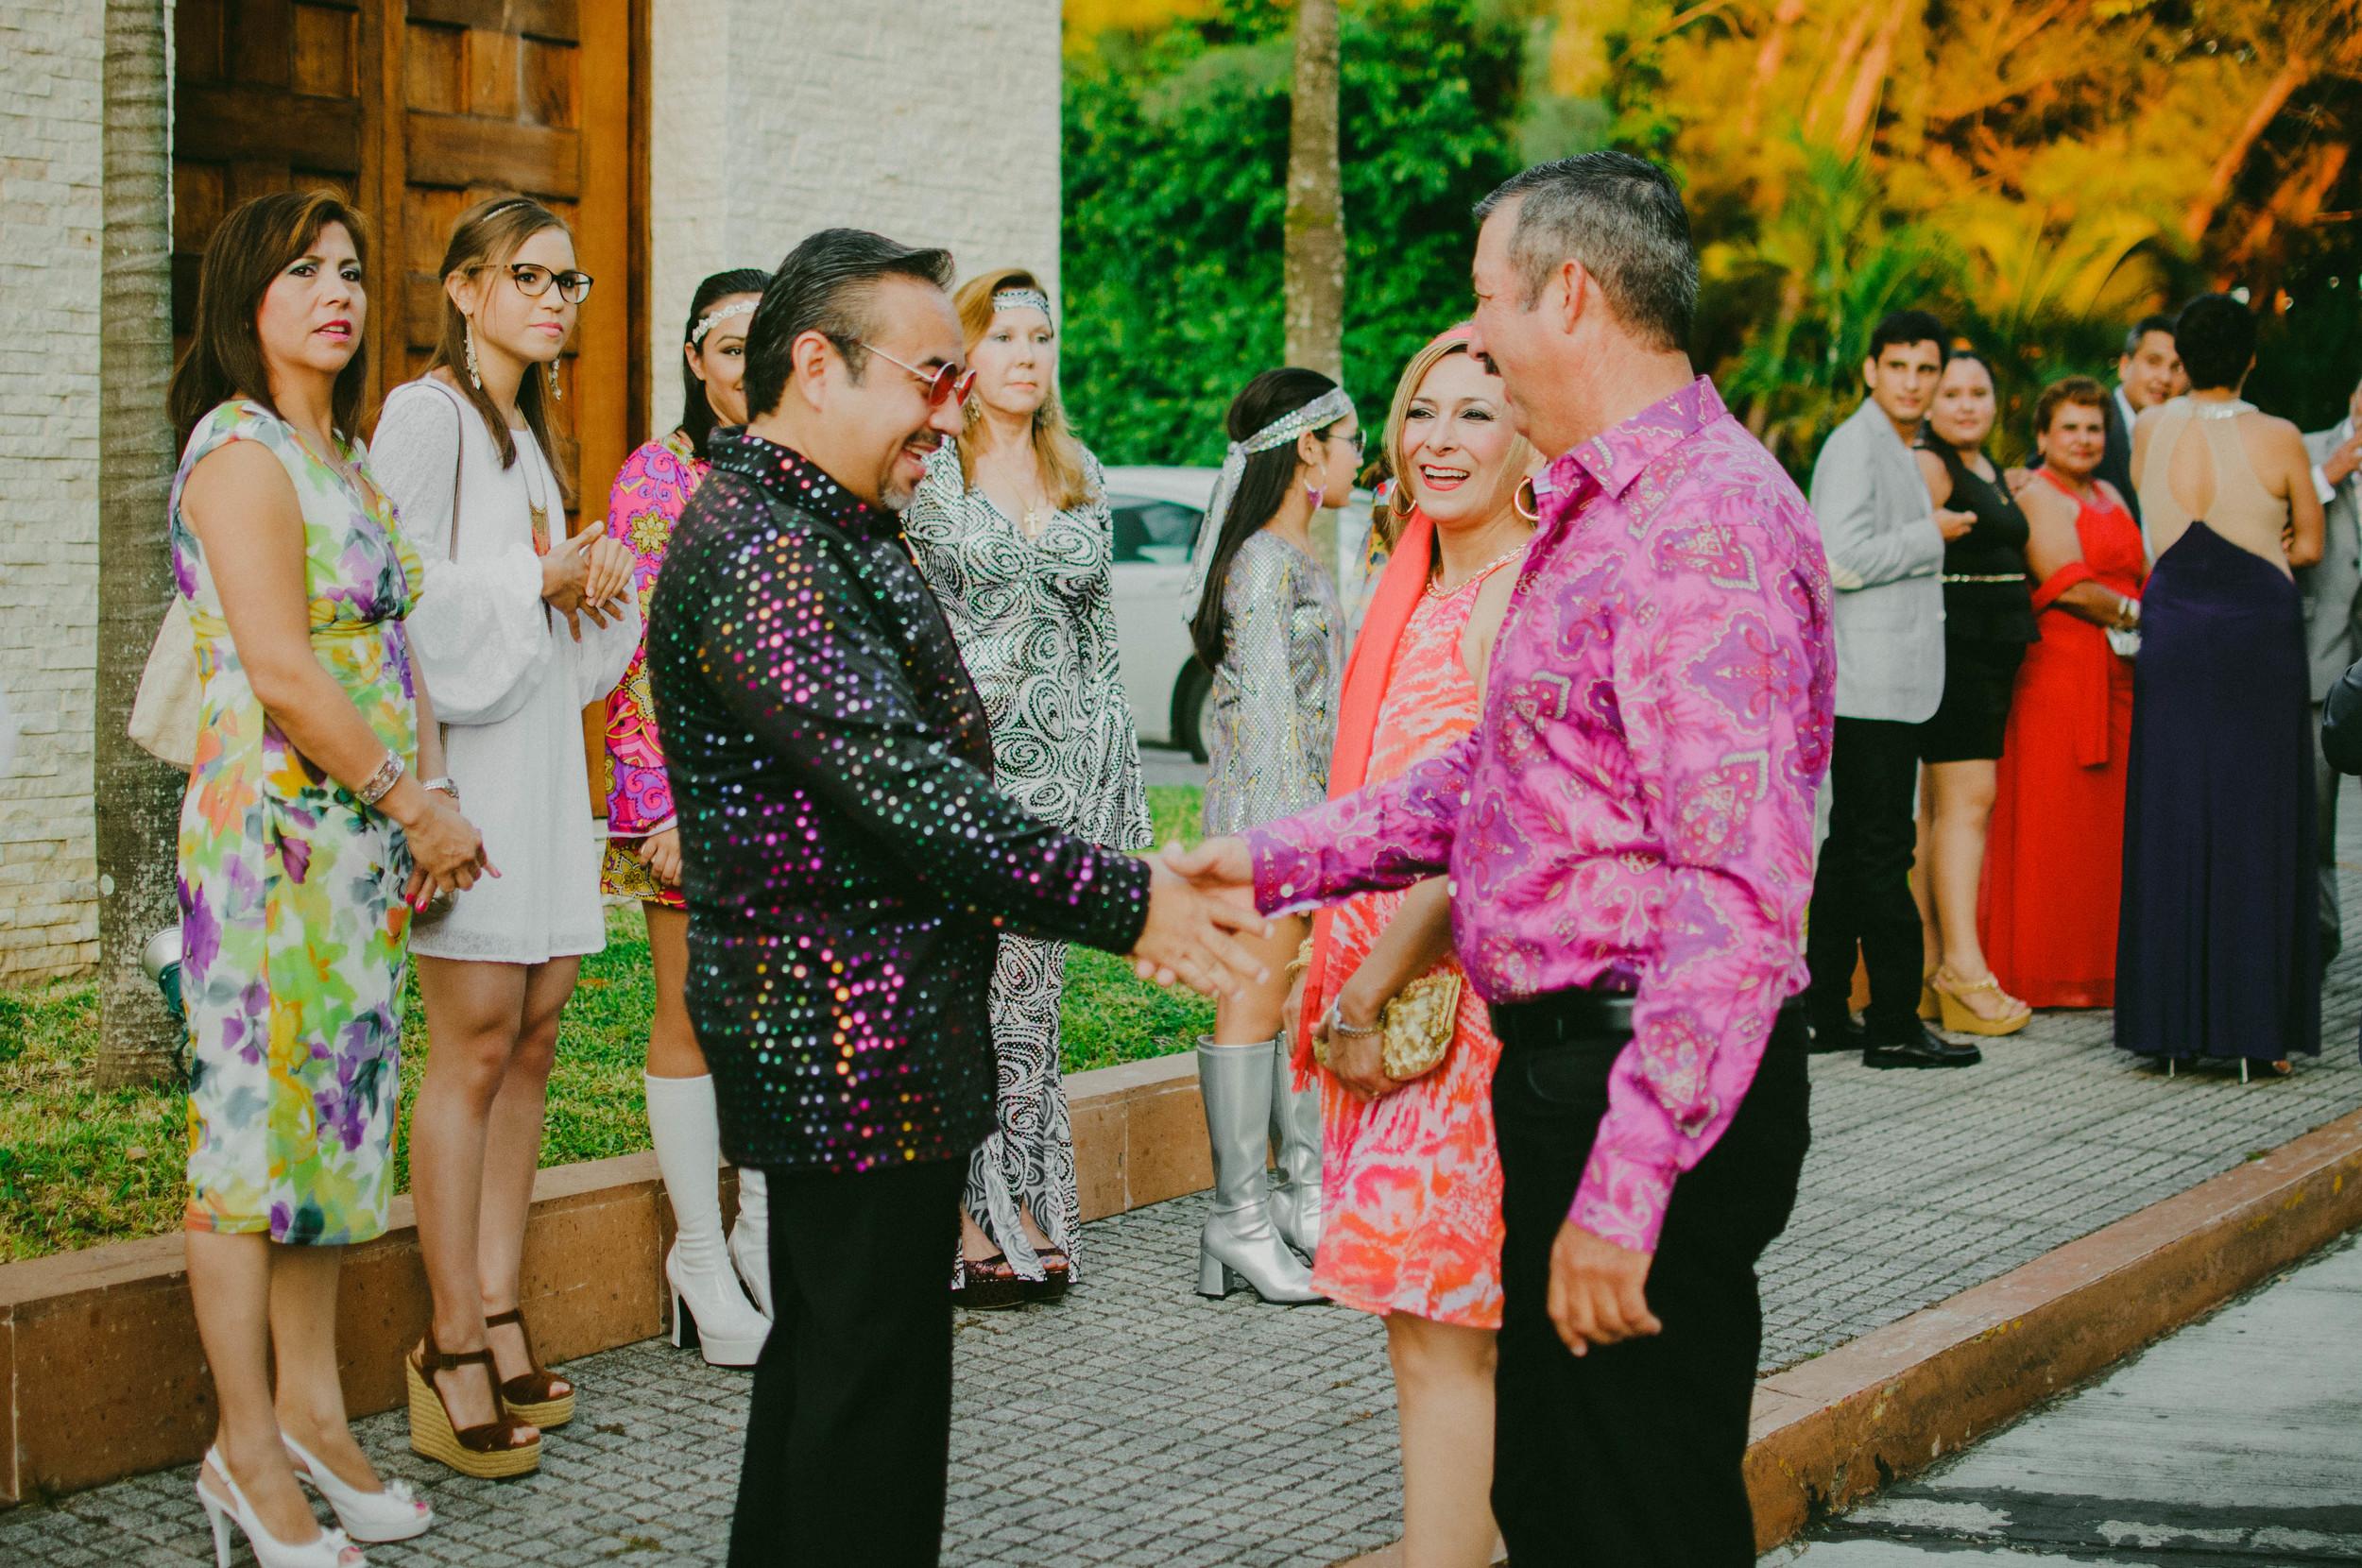 bodas de plata63.jpg